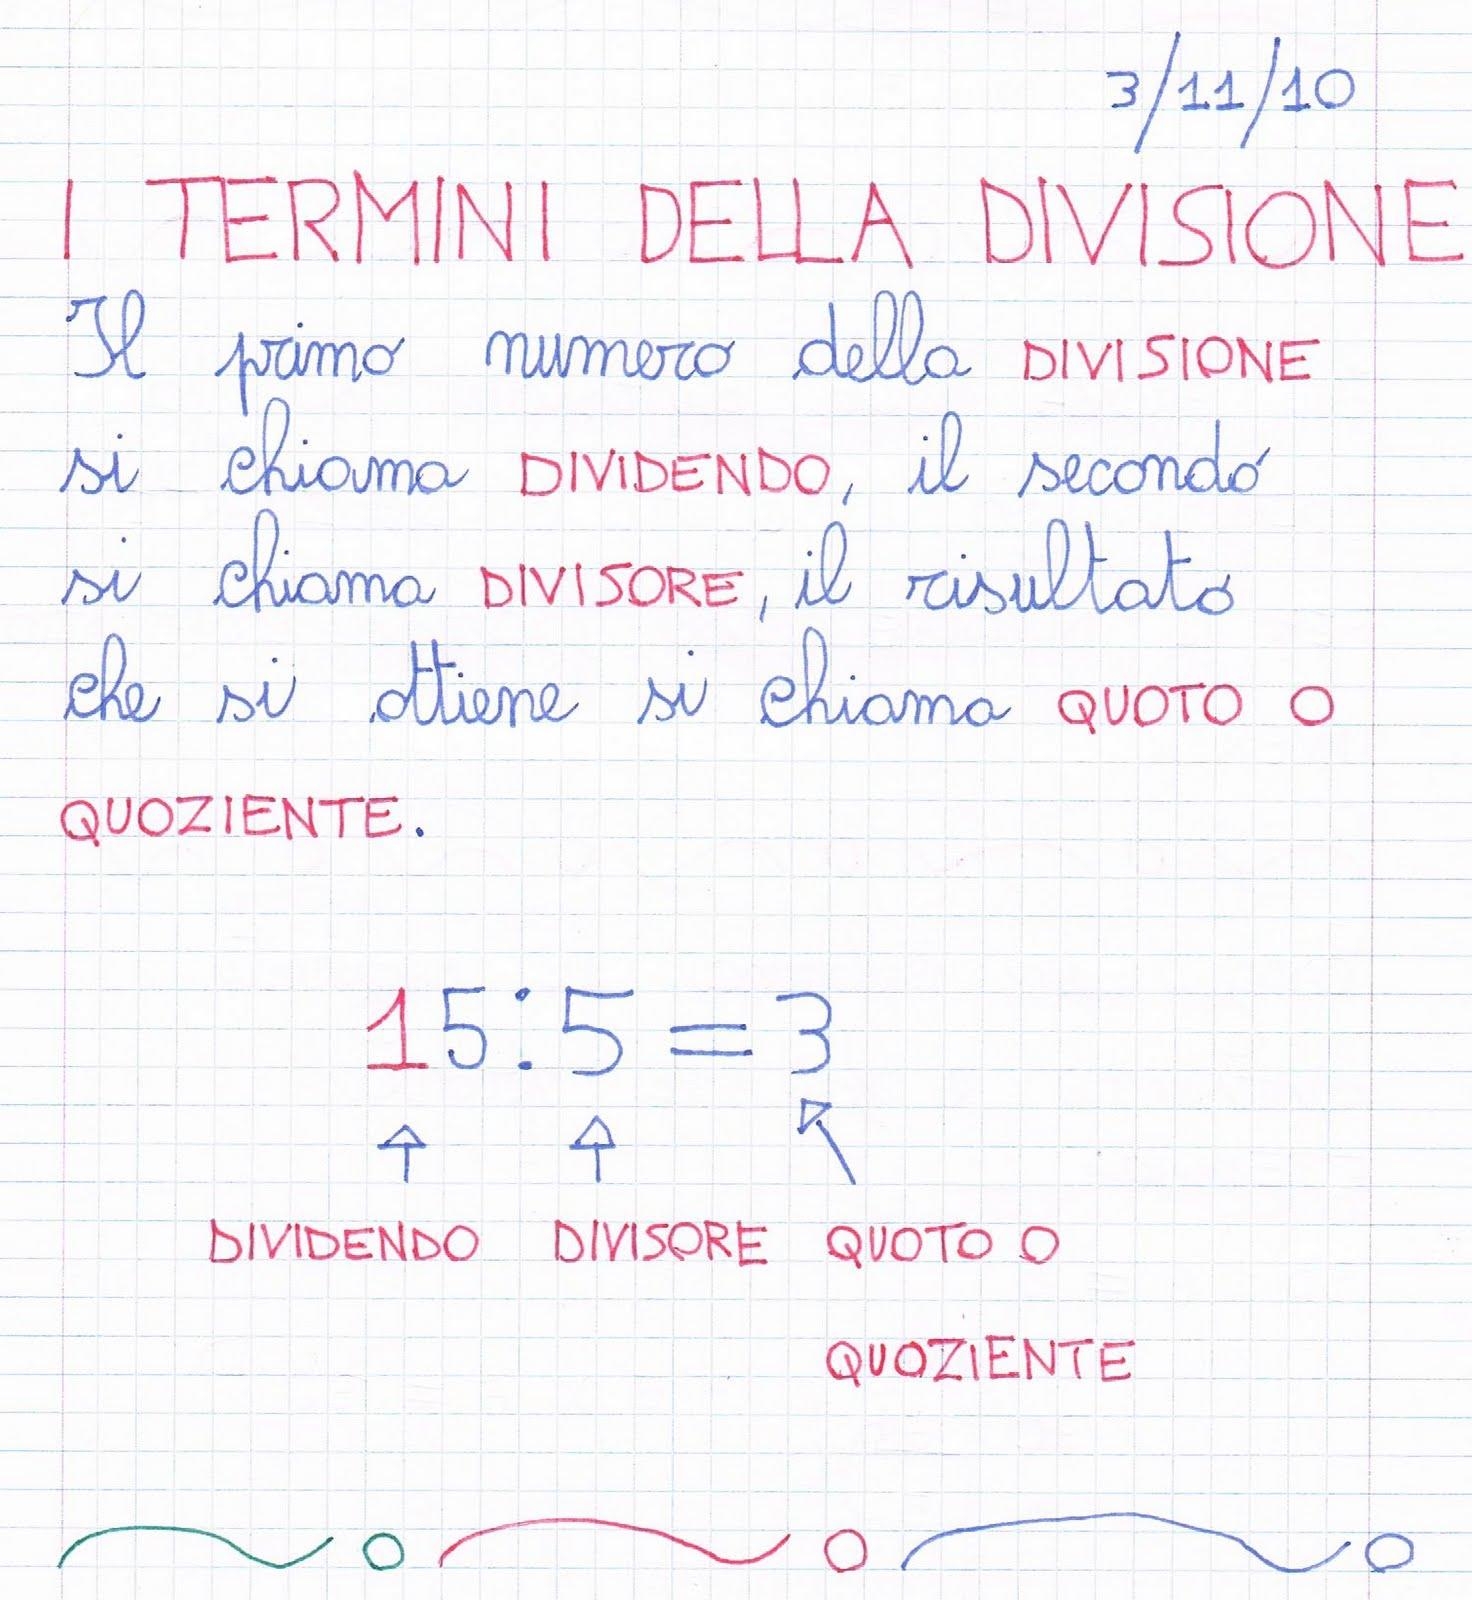 Ben noto I termini della divisione: dividendo, divisore, quoziente, quoto ZN68